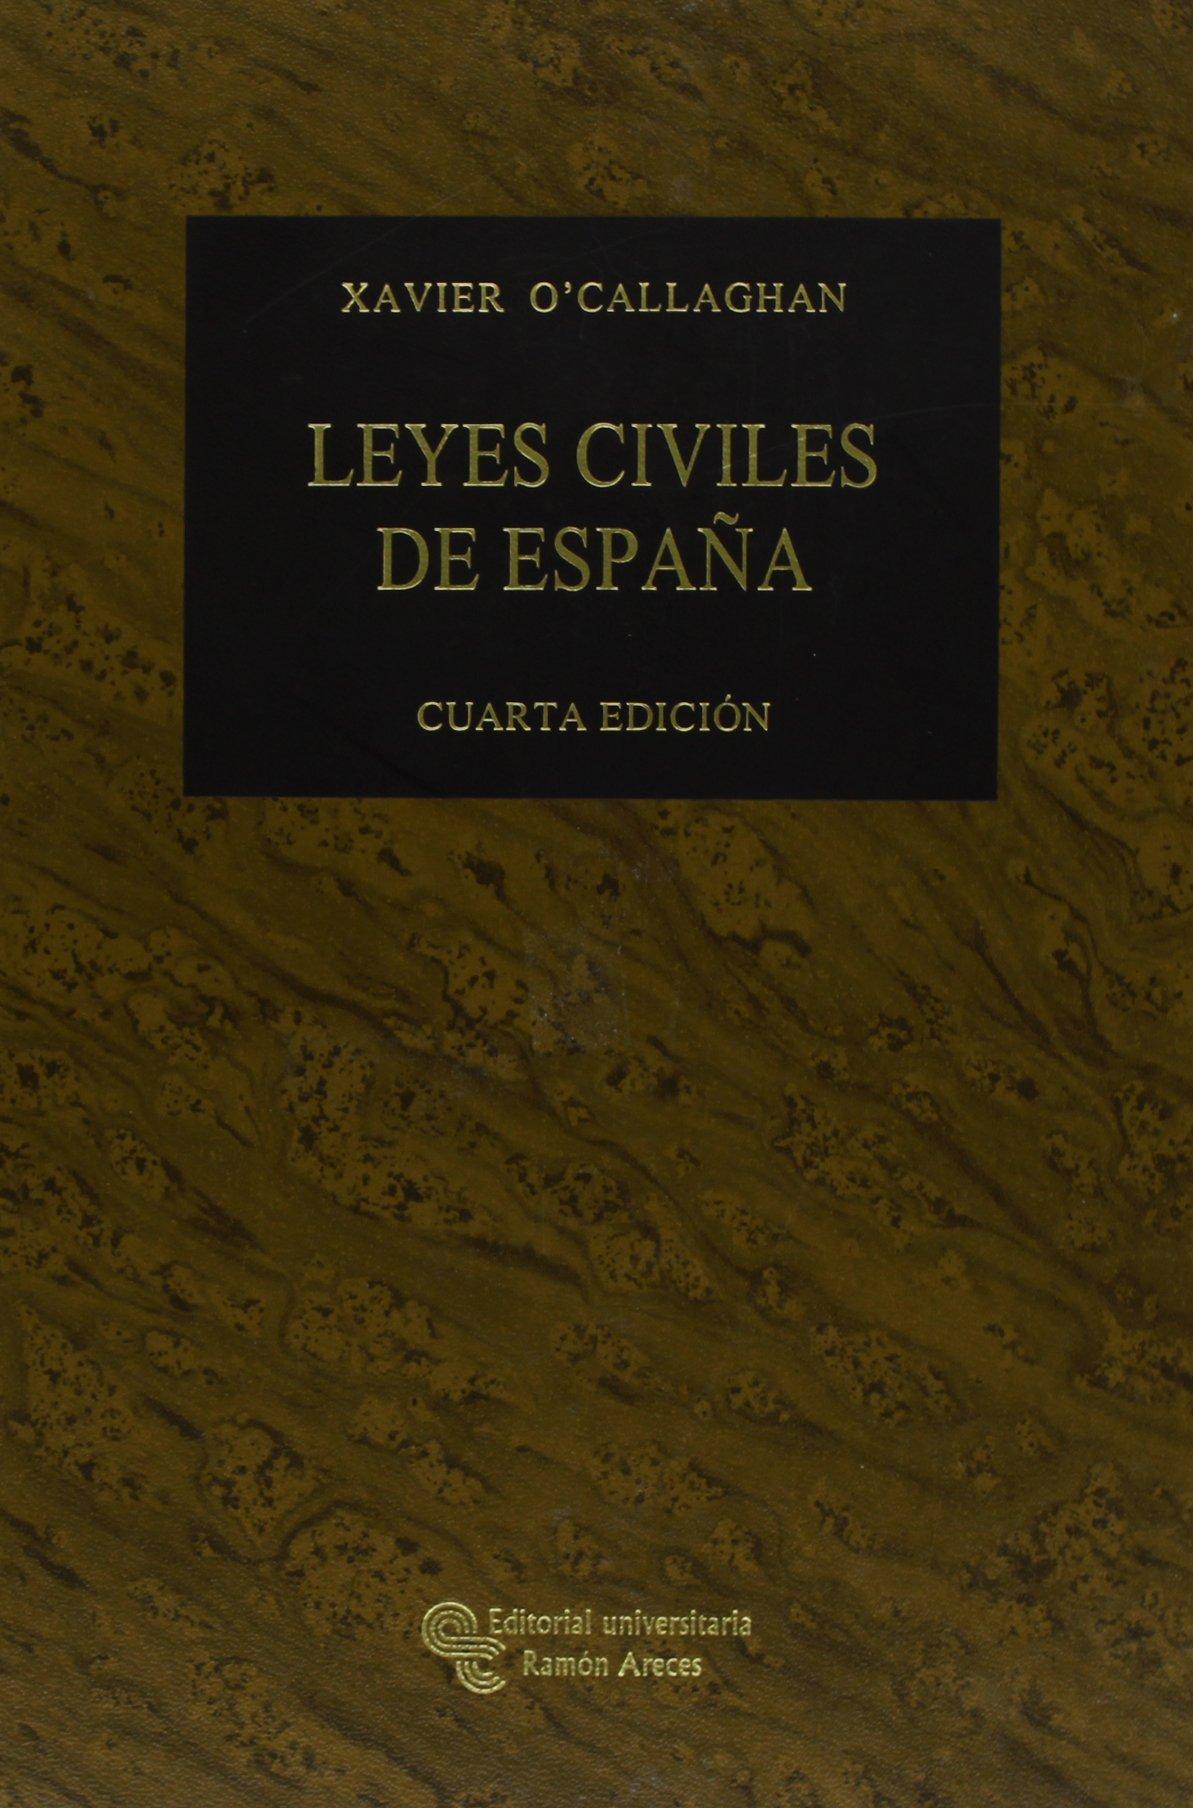 Leyes civiles de España (Grandes obras jurídicas): Amazon.es: O ...